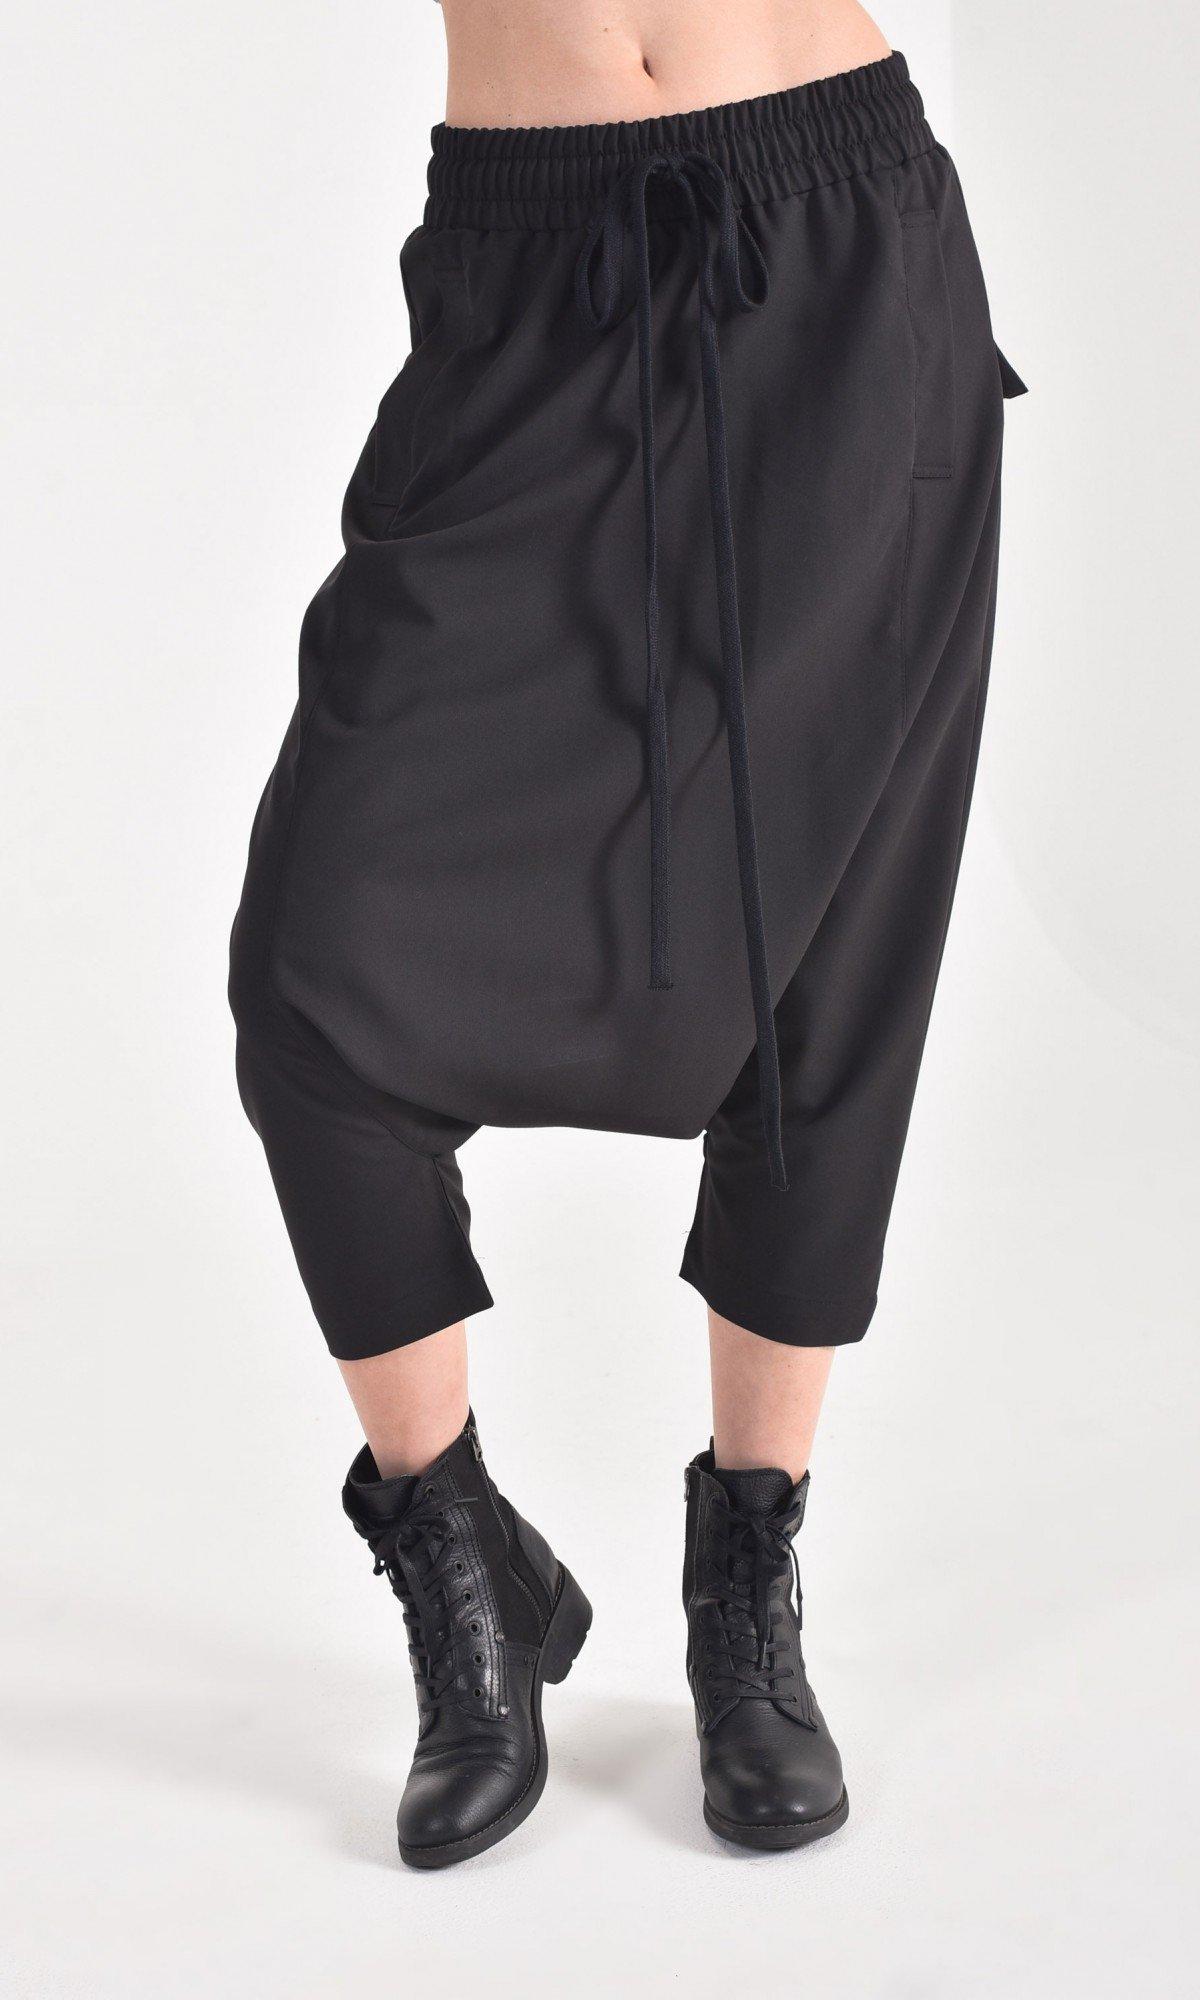 Casual 7/8 Drop Crotch Pants A05739